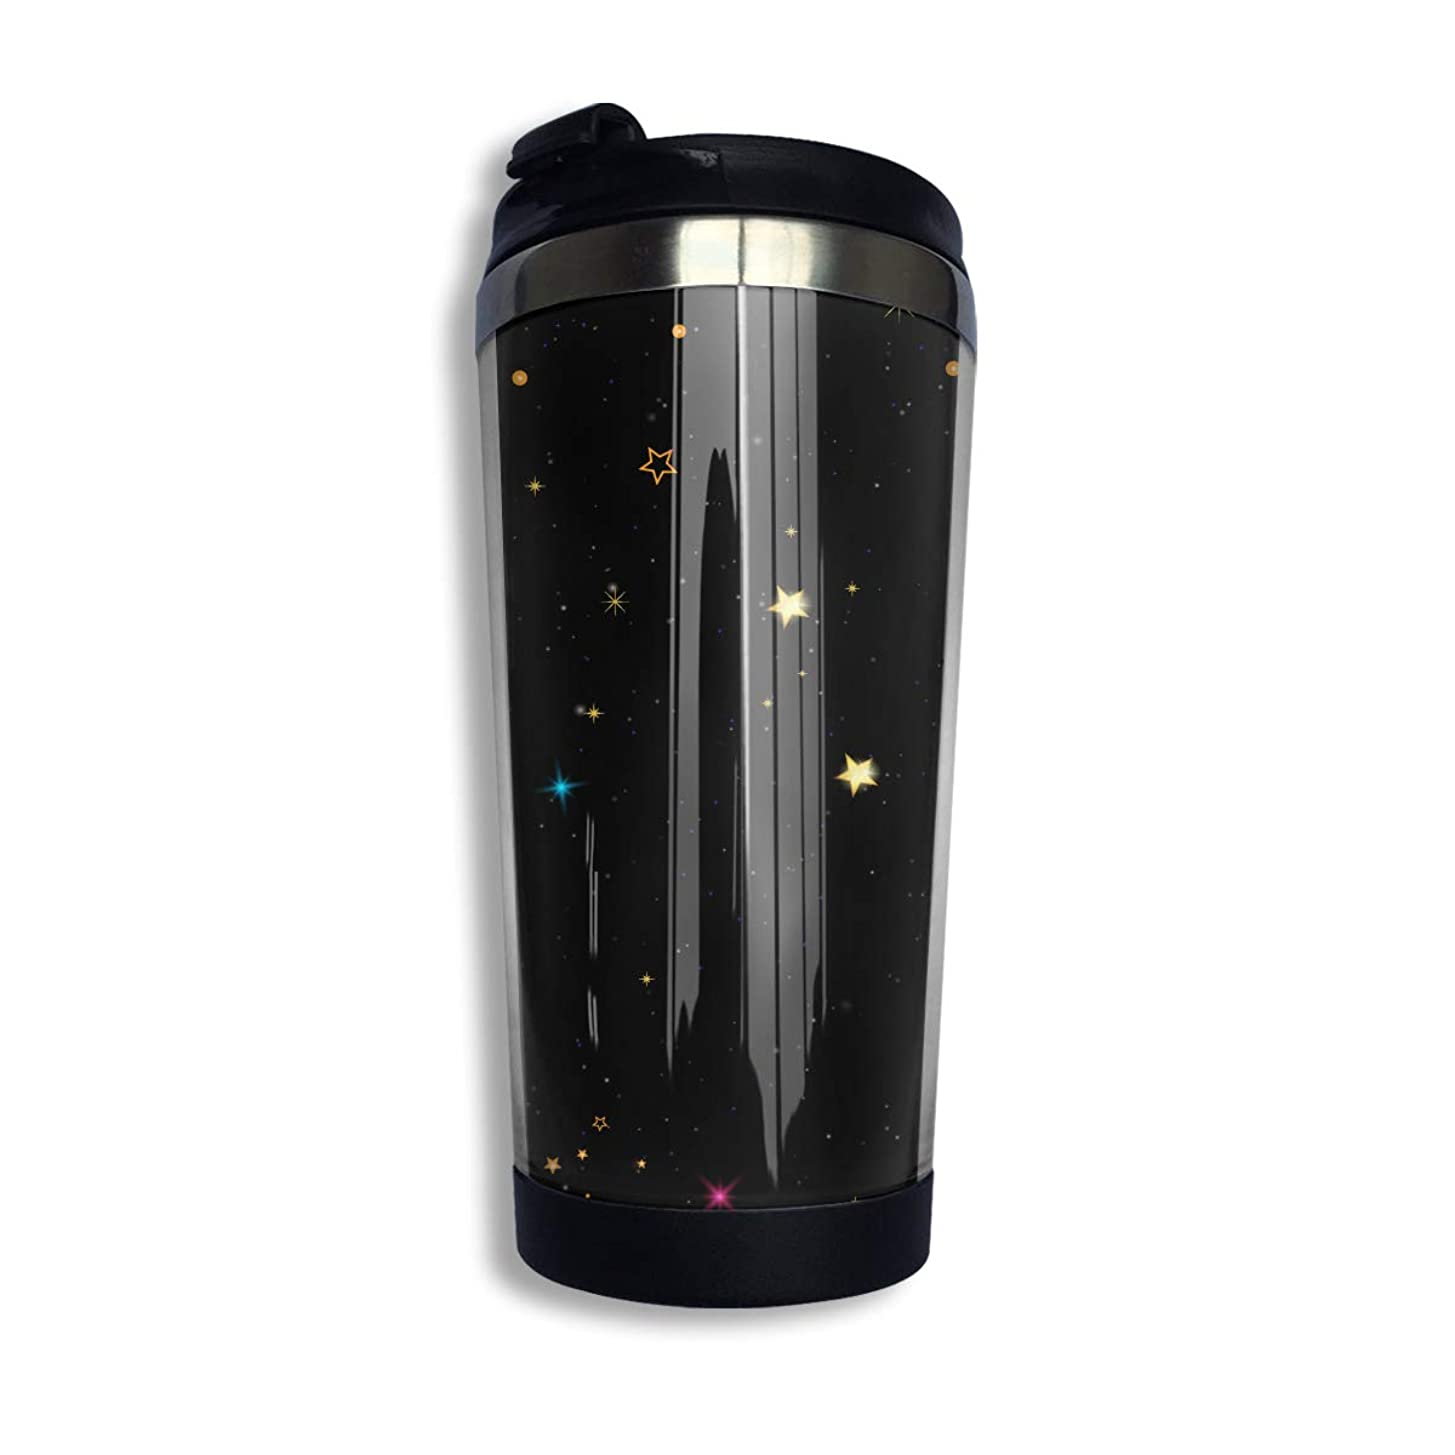 作曲する魅惑的な優れましたMilicamp マグボトル 水筒 直飲み 魔法瓶 400ml ステンレスマグボトル 保温 カップ おしゃれ 星空物語 コーヒー コップ 蓋付き 真空断熱タンブラー ステンレスボトル オフィス ギフト 贈り物